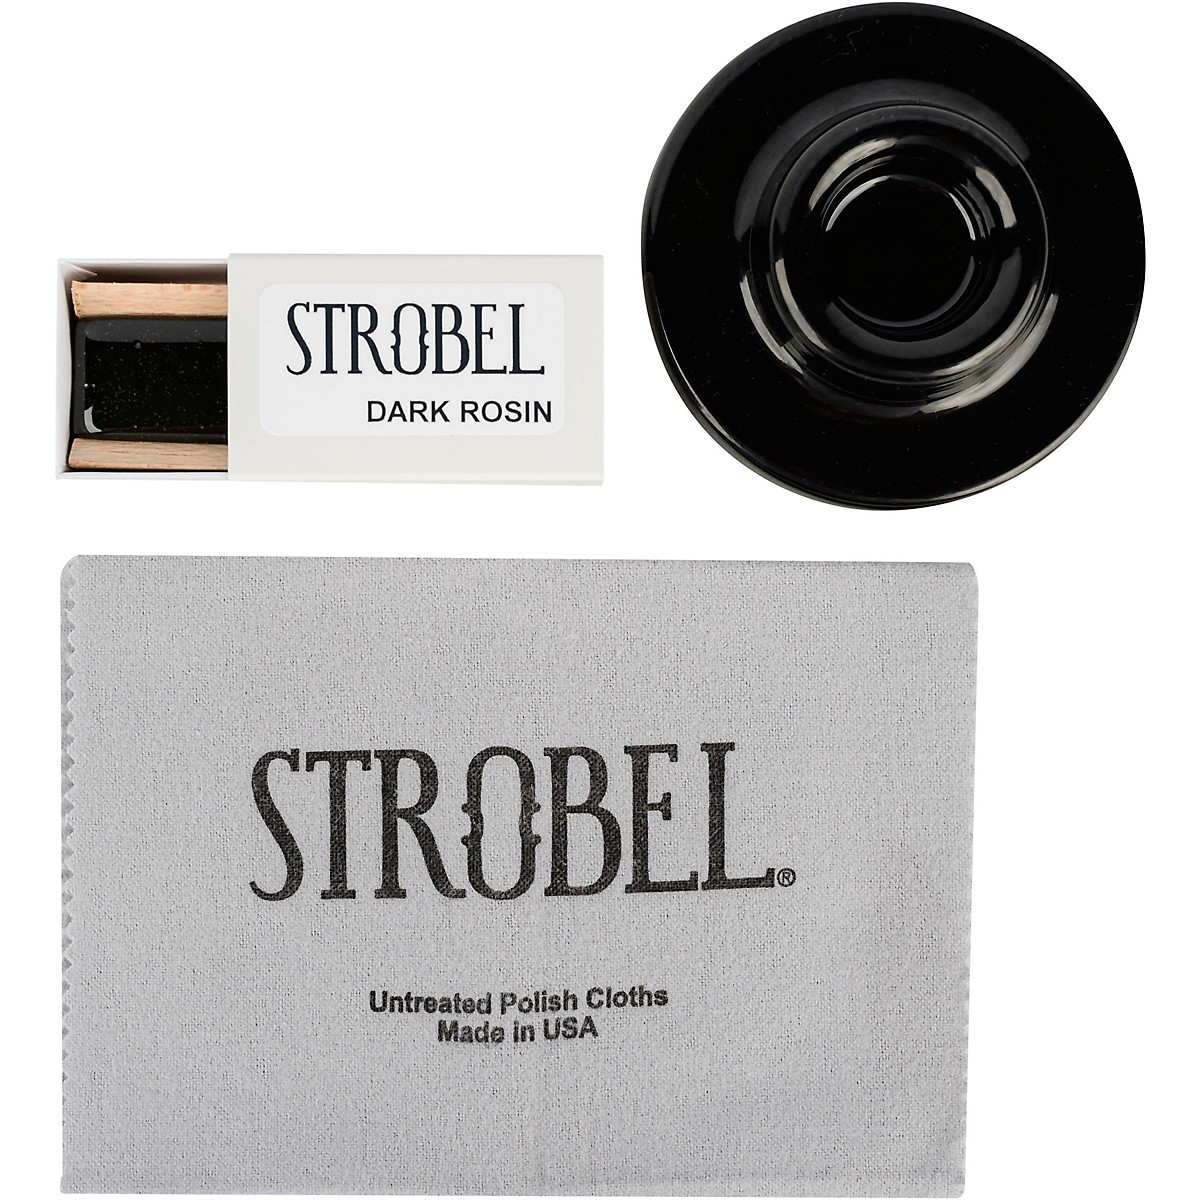 STROBEL Cello Care Kit